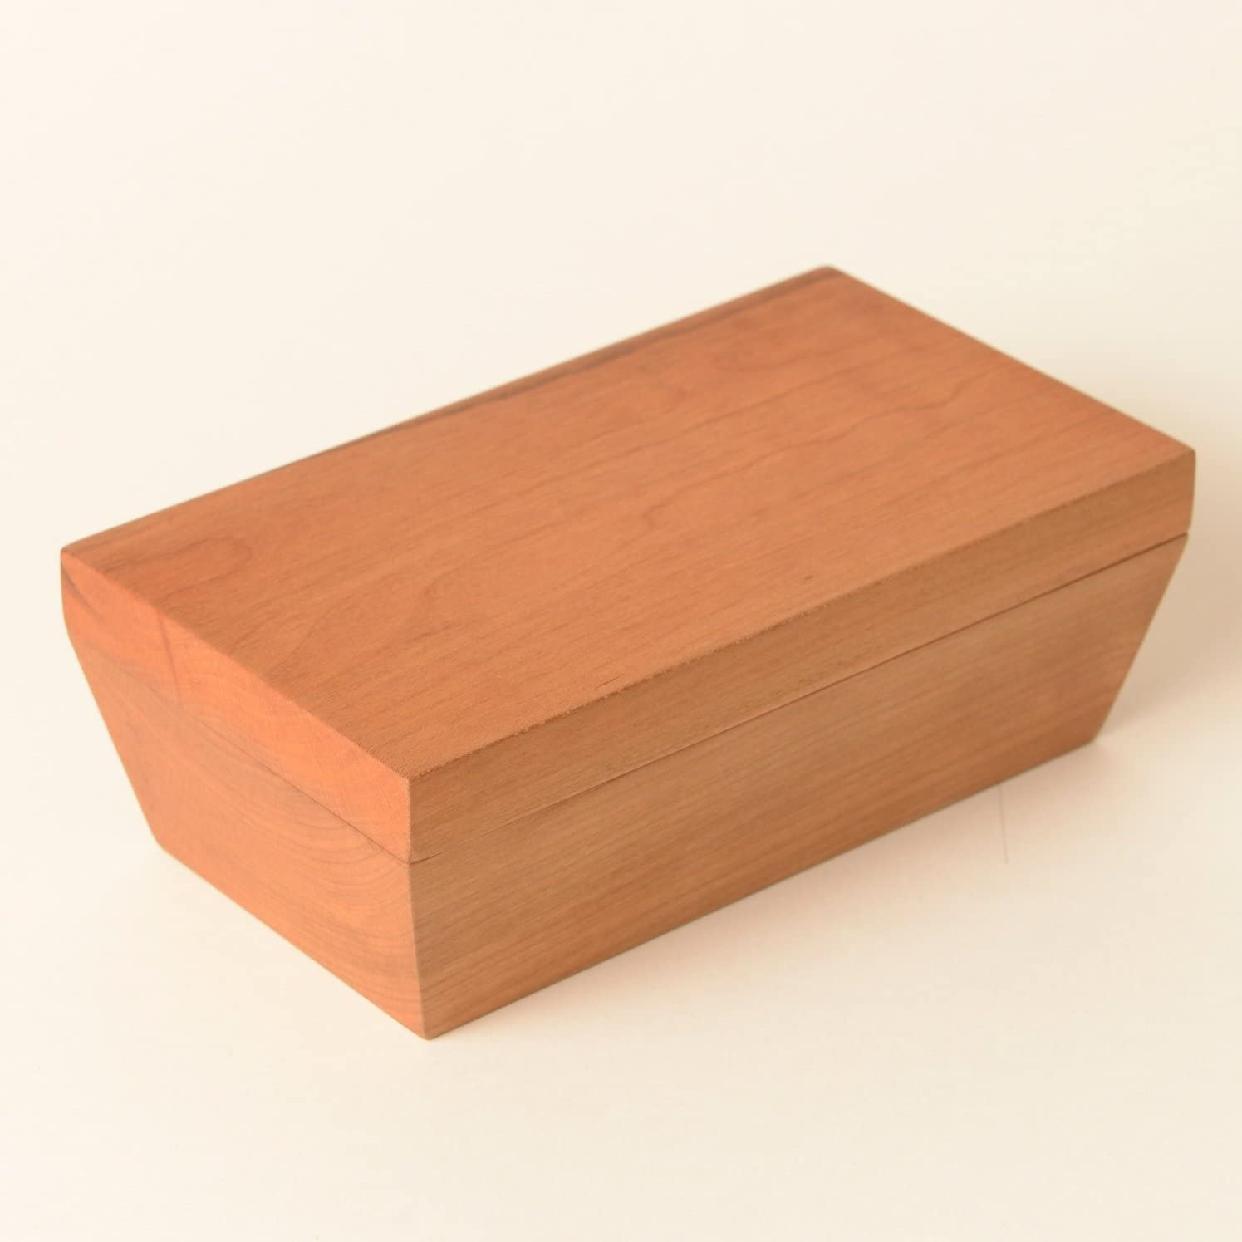 Das Holz(ダスホルツ)バターケースの商品画像4